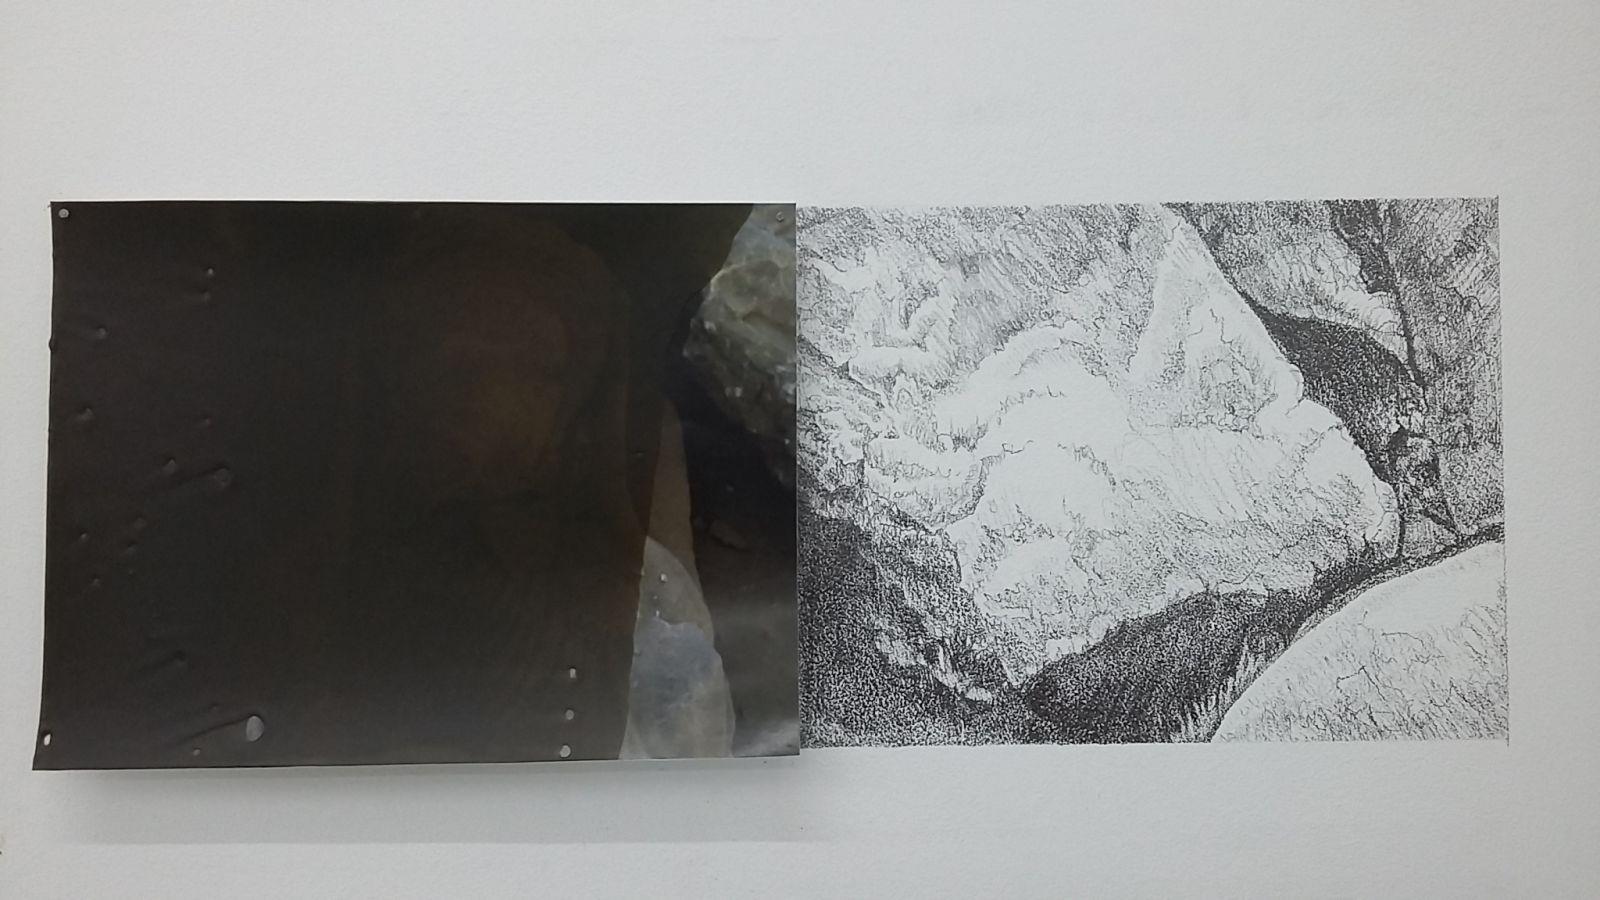 08-coraline-de-chiara-julien-verhaeghe-variation-reelle-cire-sur-tirage-numerique-et-mine-de-plomb-sur-mur-7x14cm-2016-25a063089d203a114aeaa125e899da46